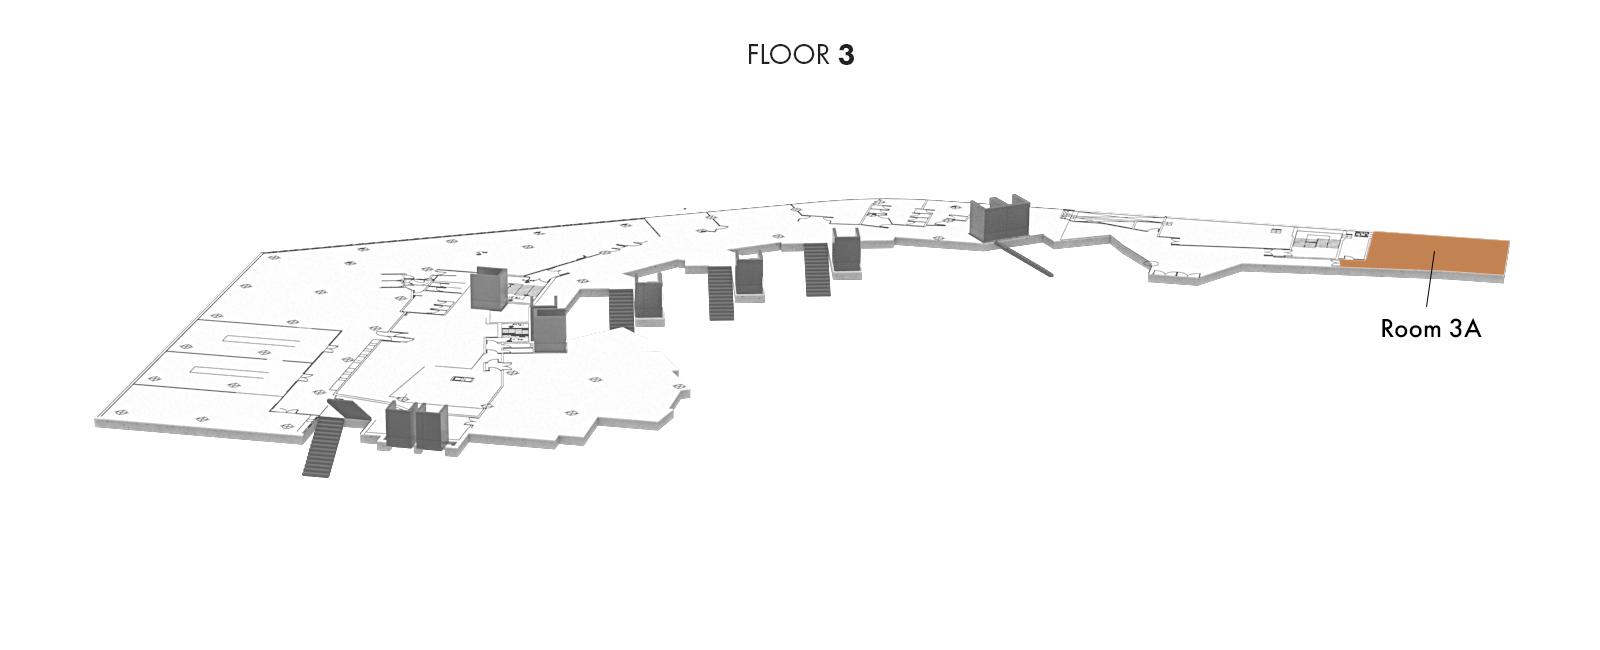 Room 3A, Floor 3 | Palacio Euskalduna Jauregia